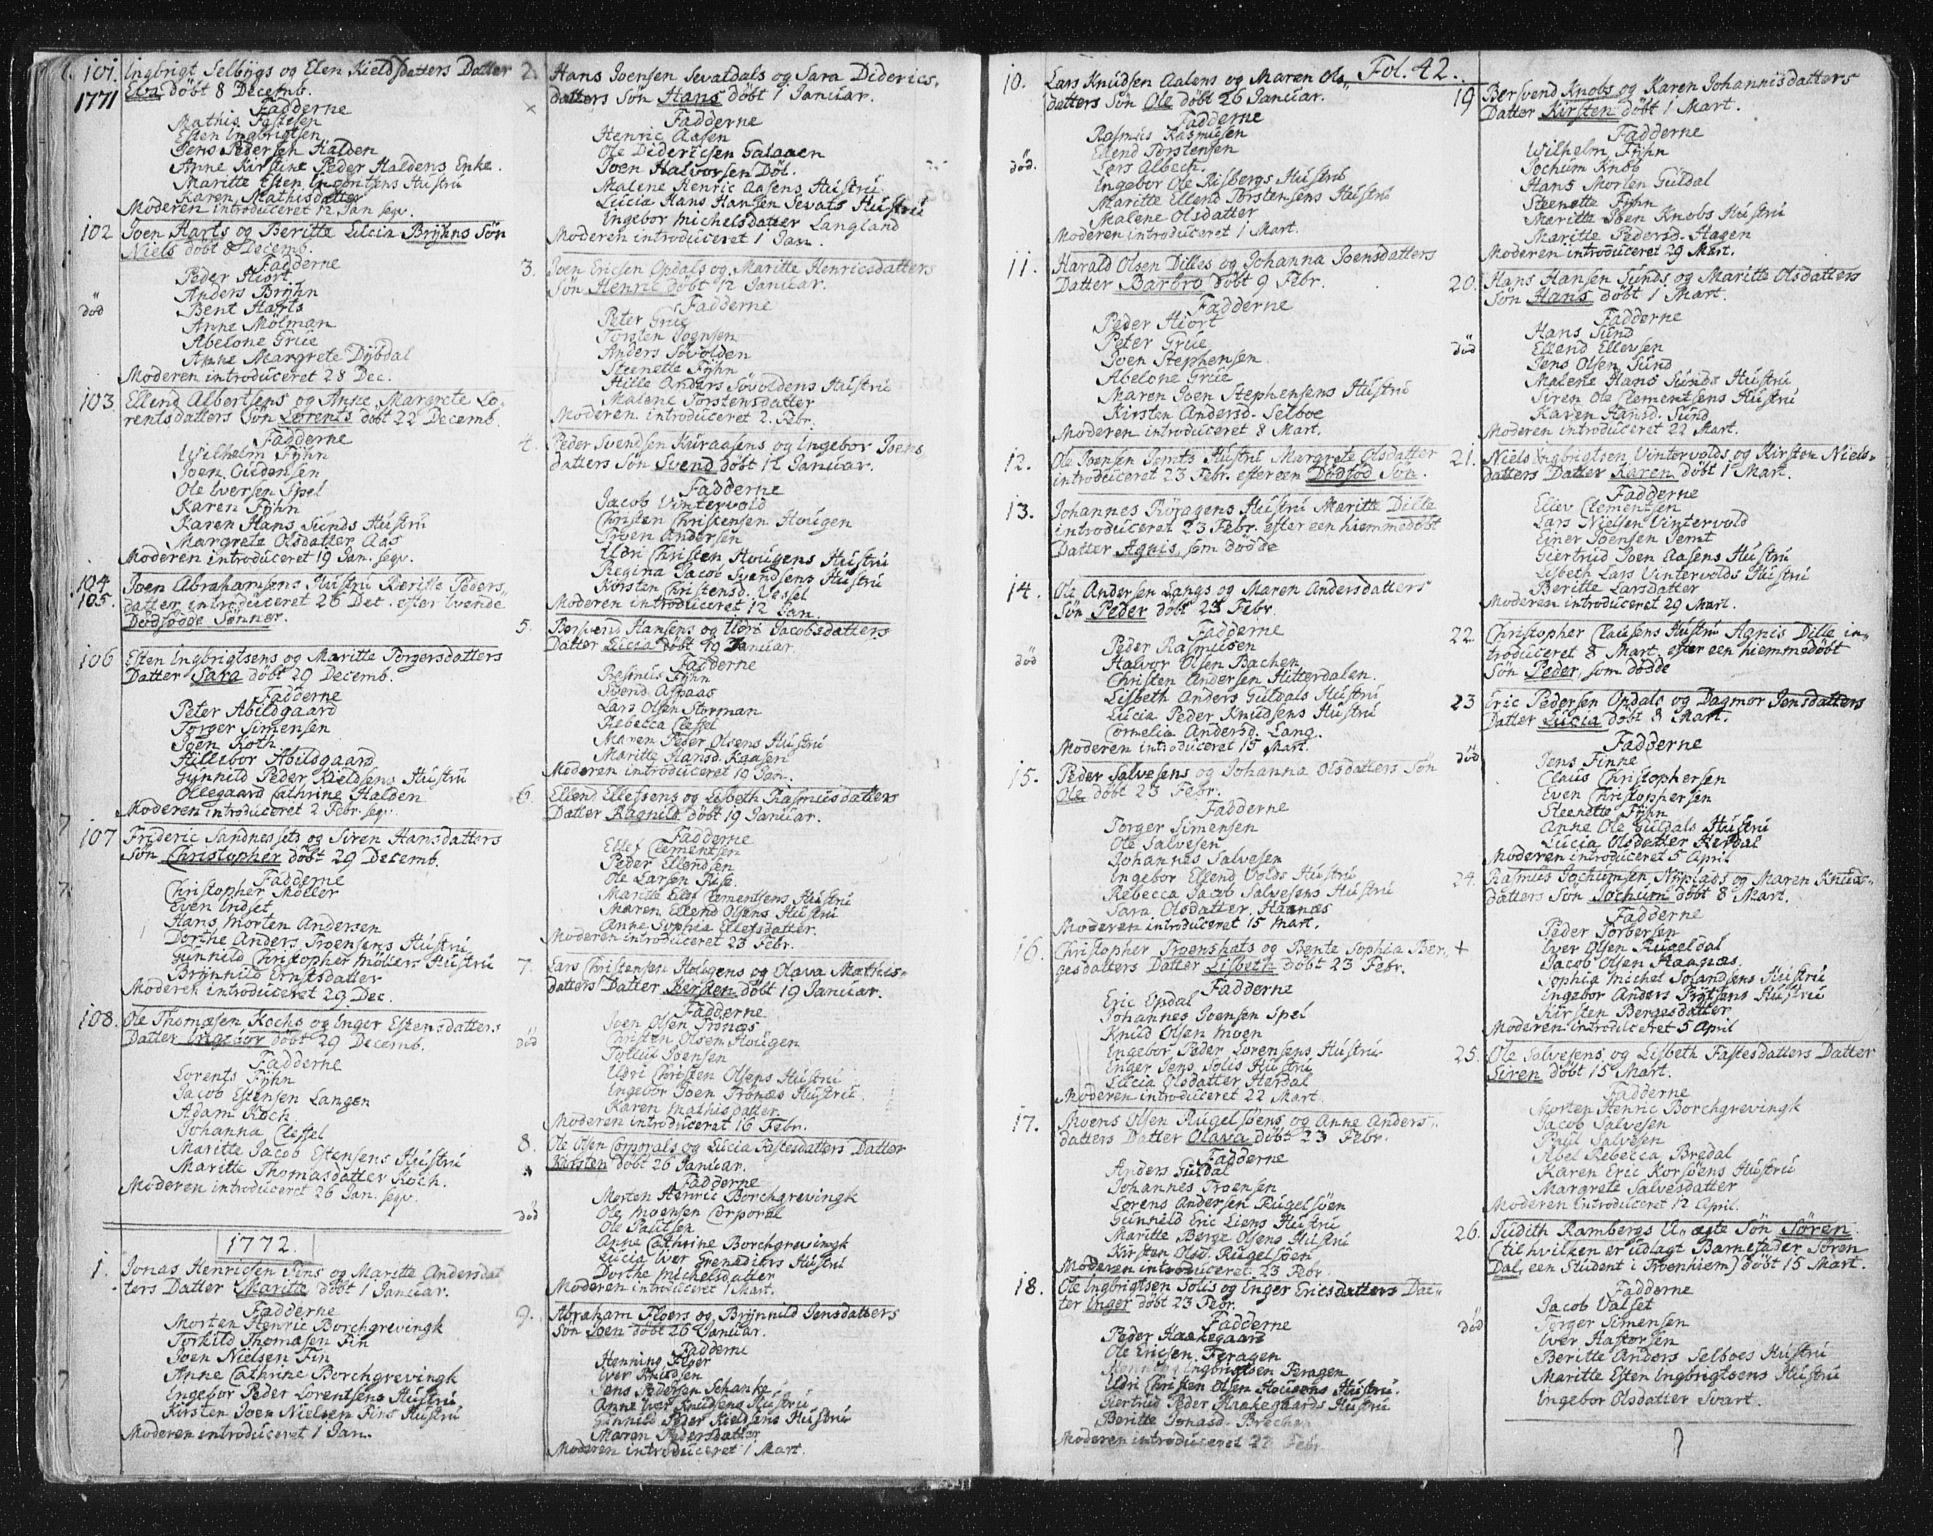 SAT, Ministerialprotokoller, klokkerbøker og fødselsregistre - Sør-Trøndelag, 681/L0926: Ministerialbok nr. 681A04, 1767-1797, s. 42